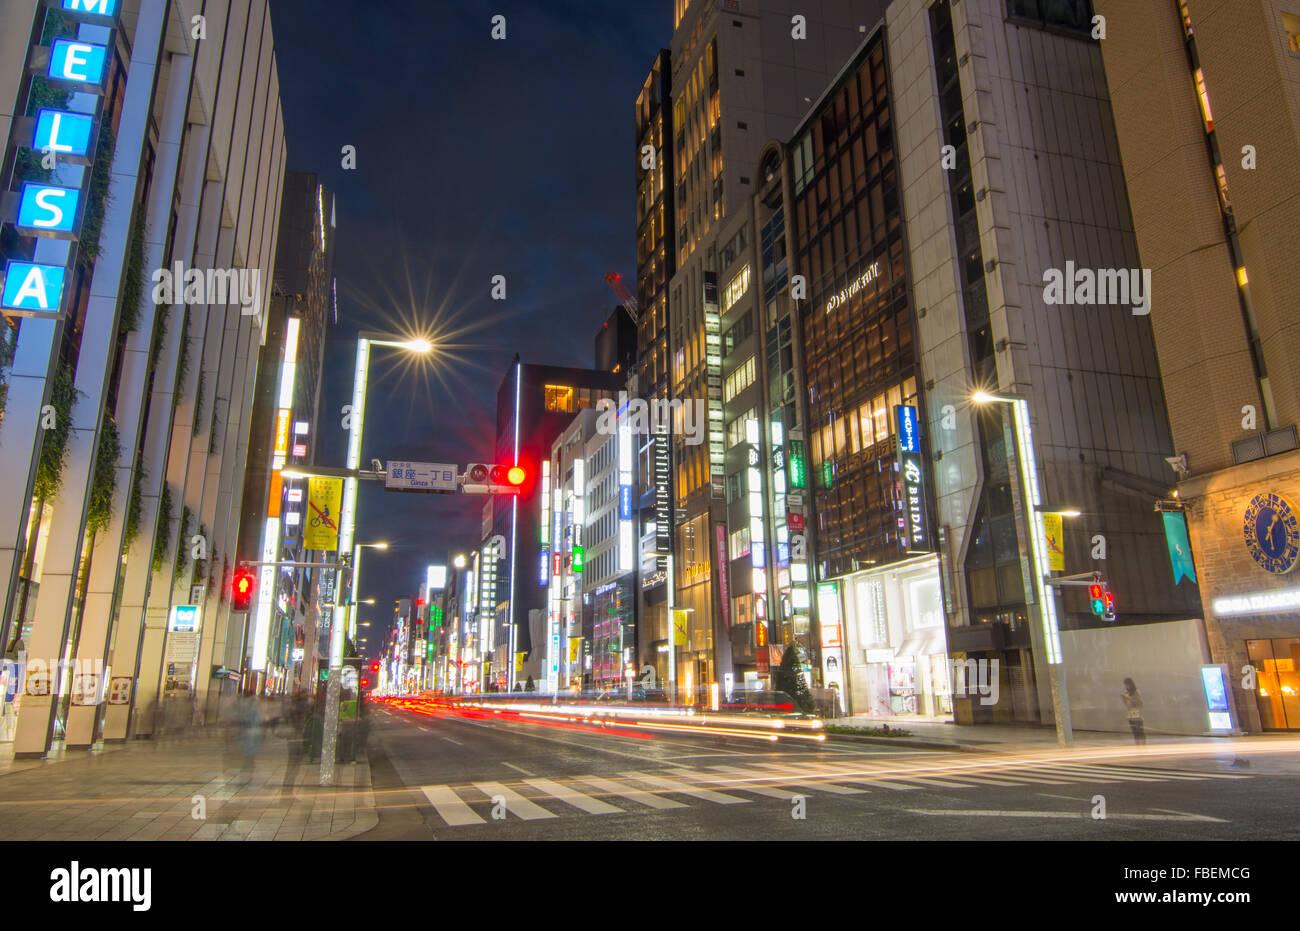 Tokyo Japan lokalen Massen Ginza Einkaufsviertel Twilight Verkehr verwischt der Bewegung auf der Street downtown Stockbild